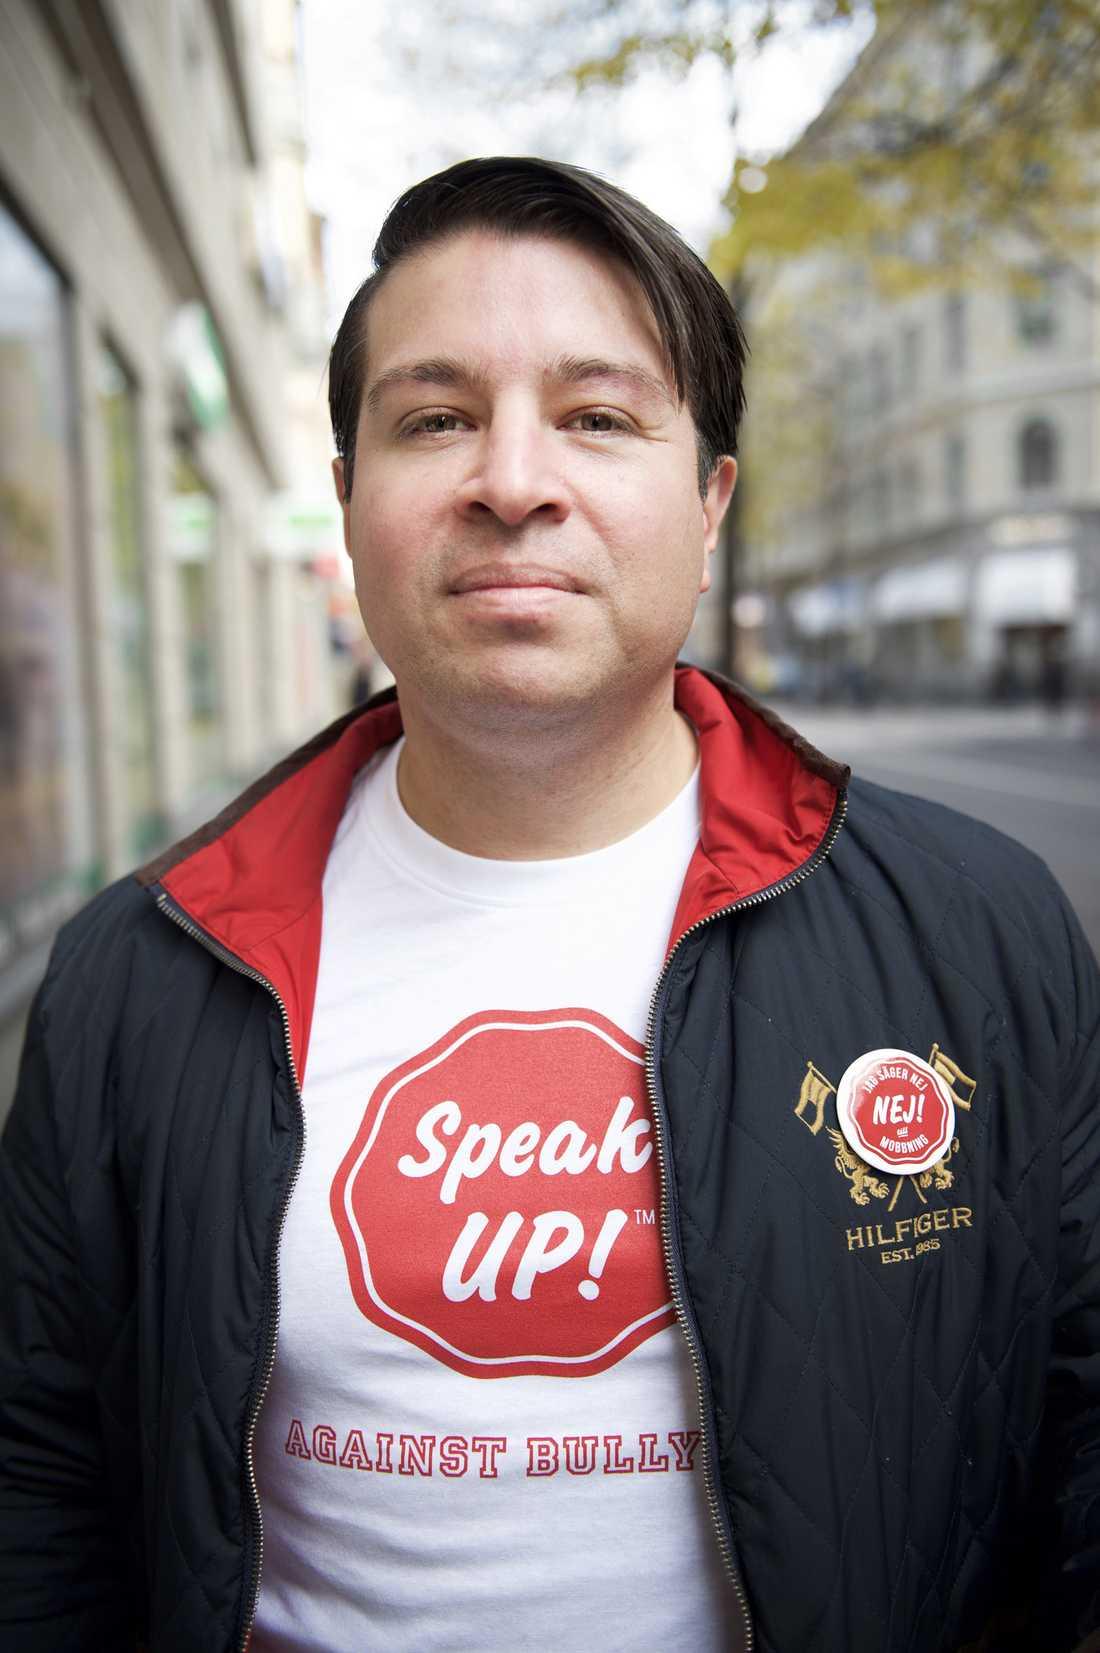 """Tobias Wernius lyssnade på skolungdomar och skapade appen """"Speak Up!"""" – nu sprider den sig över världen."""